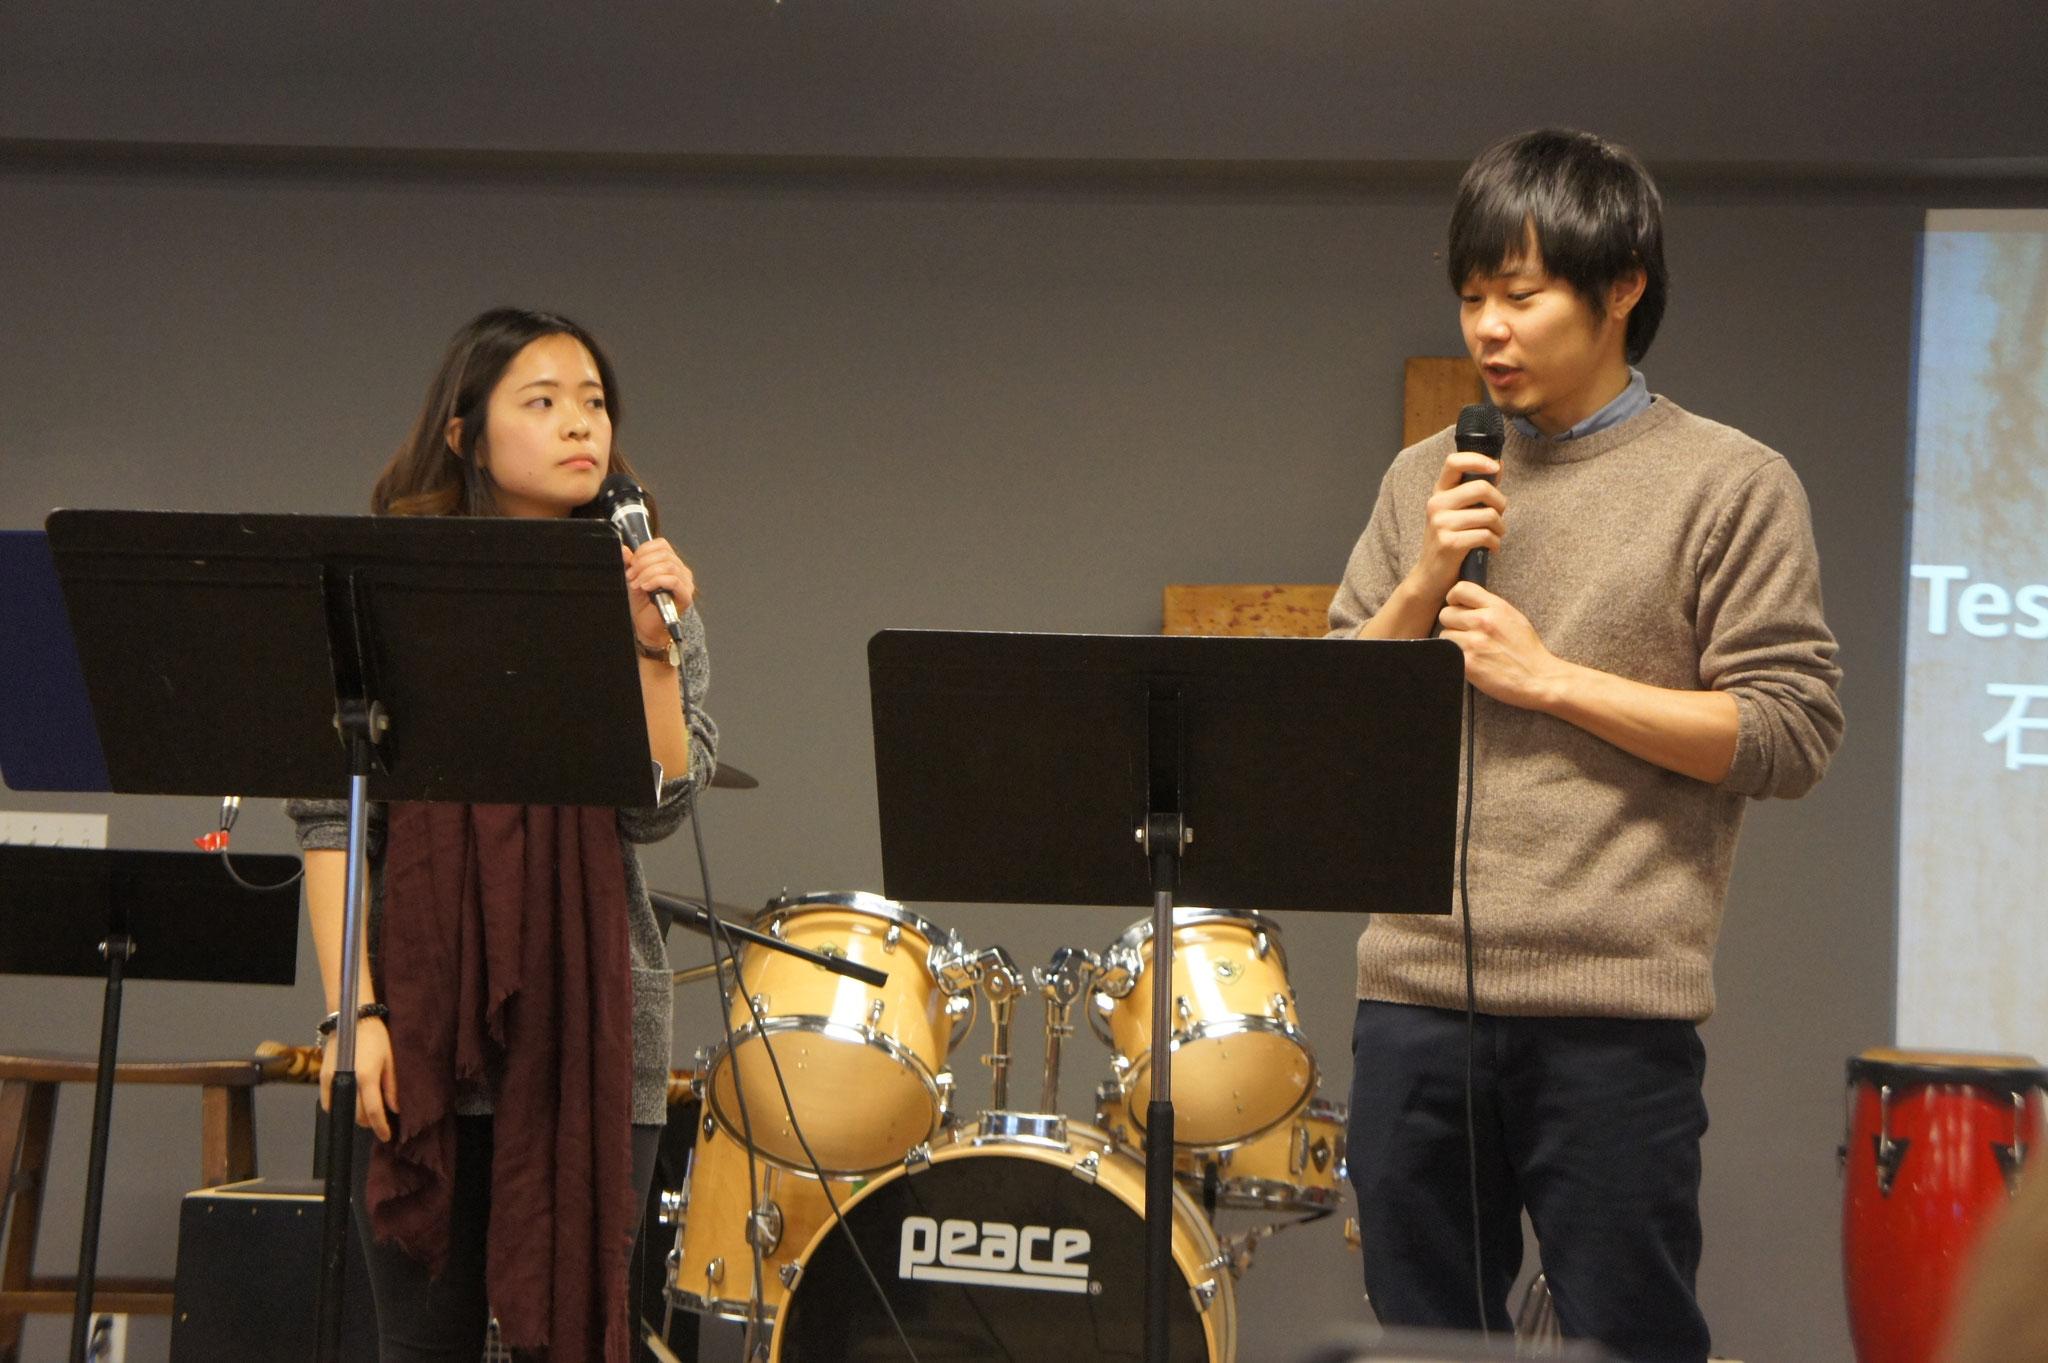 1/22 高橋桃佳さんが証してくださいました。Testimony by Momoka